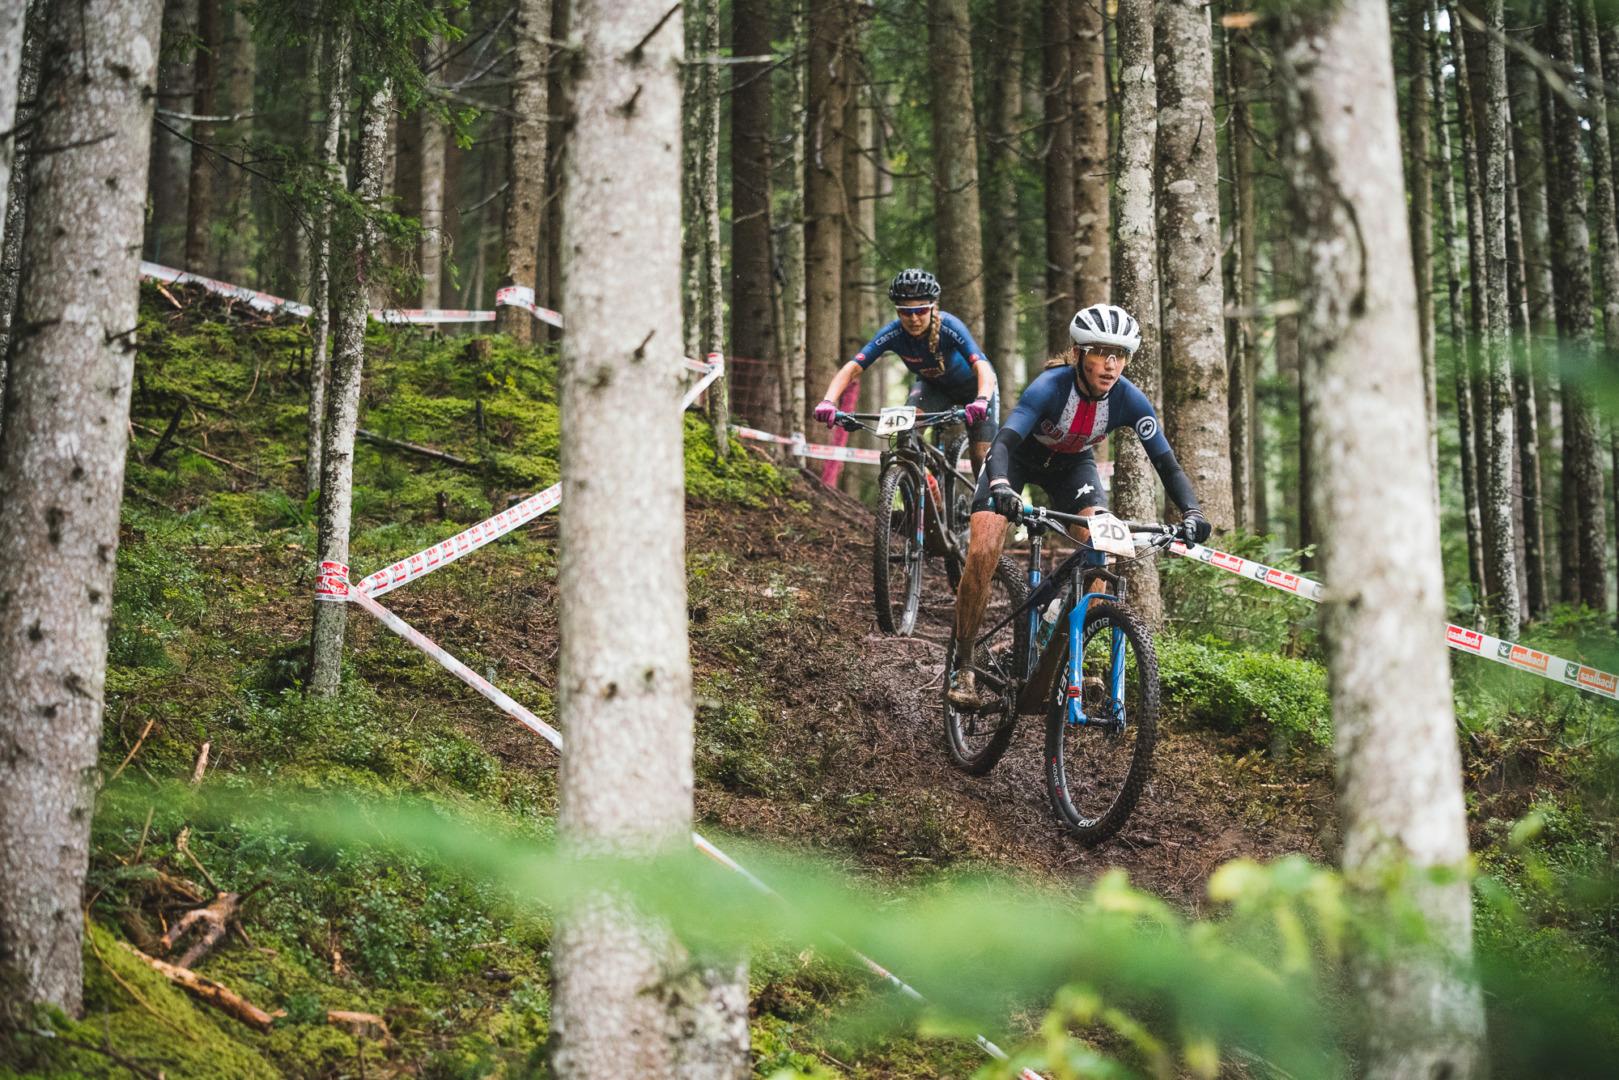 Mistrzostwa Świata w kolarstwie górskim 2020 – Juniorzy i Juniorki na start!